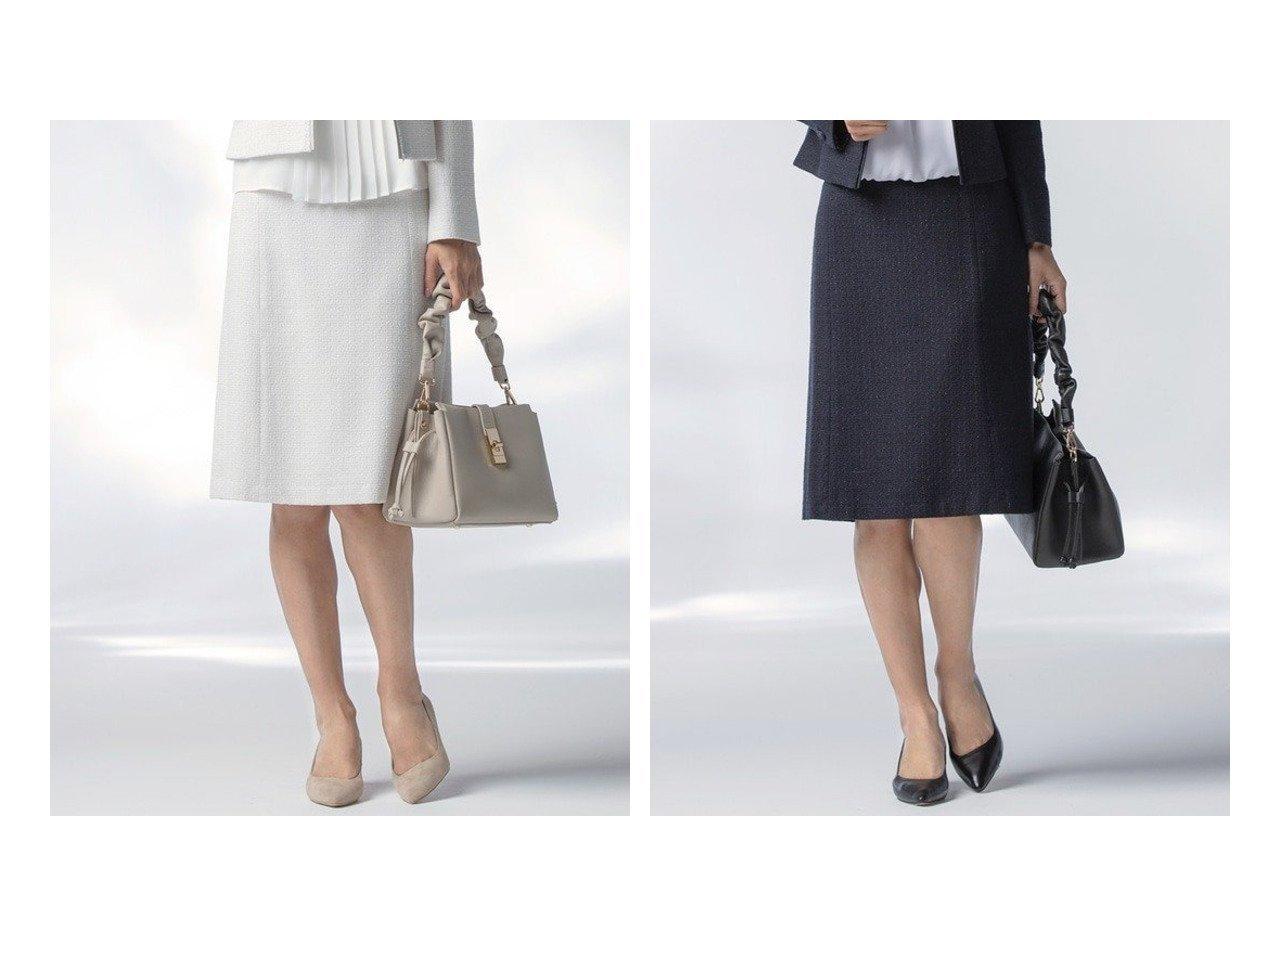 【NIJYUSANKU/23区】の【セットアップ対応】ライトシャインツイード マーメイド スカート スカートのおすすめ!人気、トレンド・レディースファッションの通販 おすすめで人気の流行・トレンド、ファッションの通販商品 メンズファッション・キッズファッション・インテリア・家具・レディースファッション・服の通販 founy(ファニー) https://founy.com/ ファッション Fashion レディースファッション WOMEN セットアップ Setup スカート Skirt シンプル ジャケット セットアップ ツィード ツイード バランス マーメイド 2021年 2021 S/S 春夏 SS Spring/Summer 2021 春夏 S/S SS Spring/Summer 2021 送料無料 Free Shipping |ID:crp329100000016291